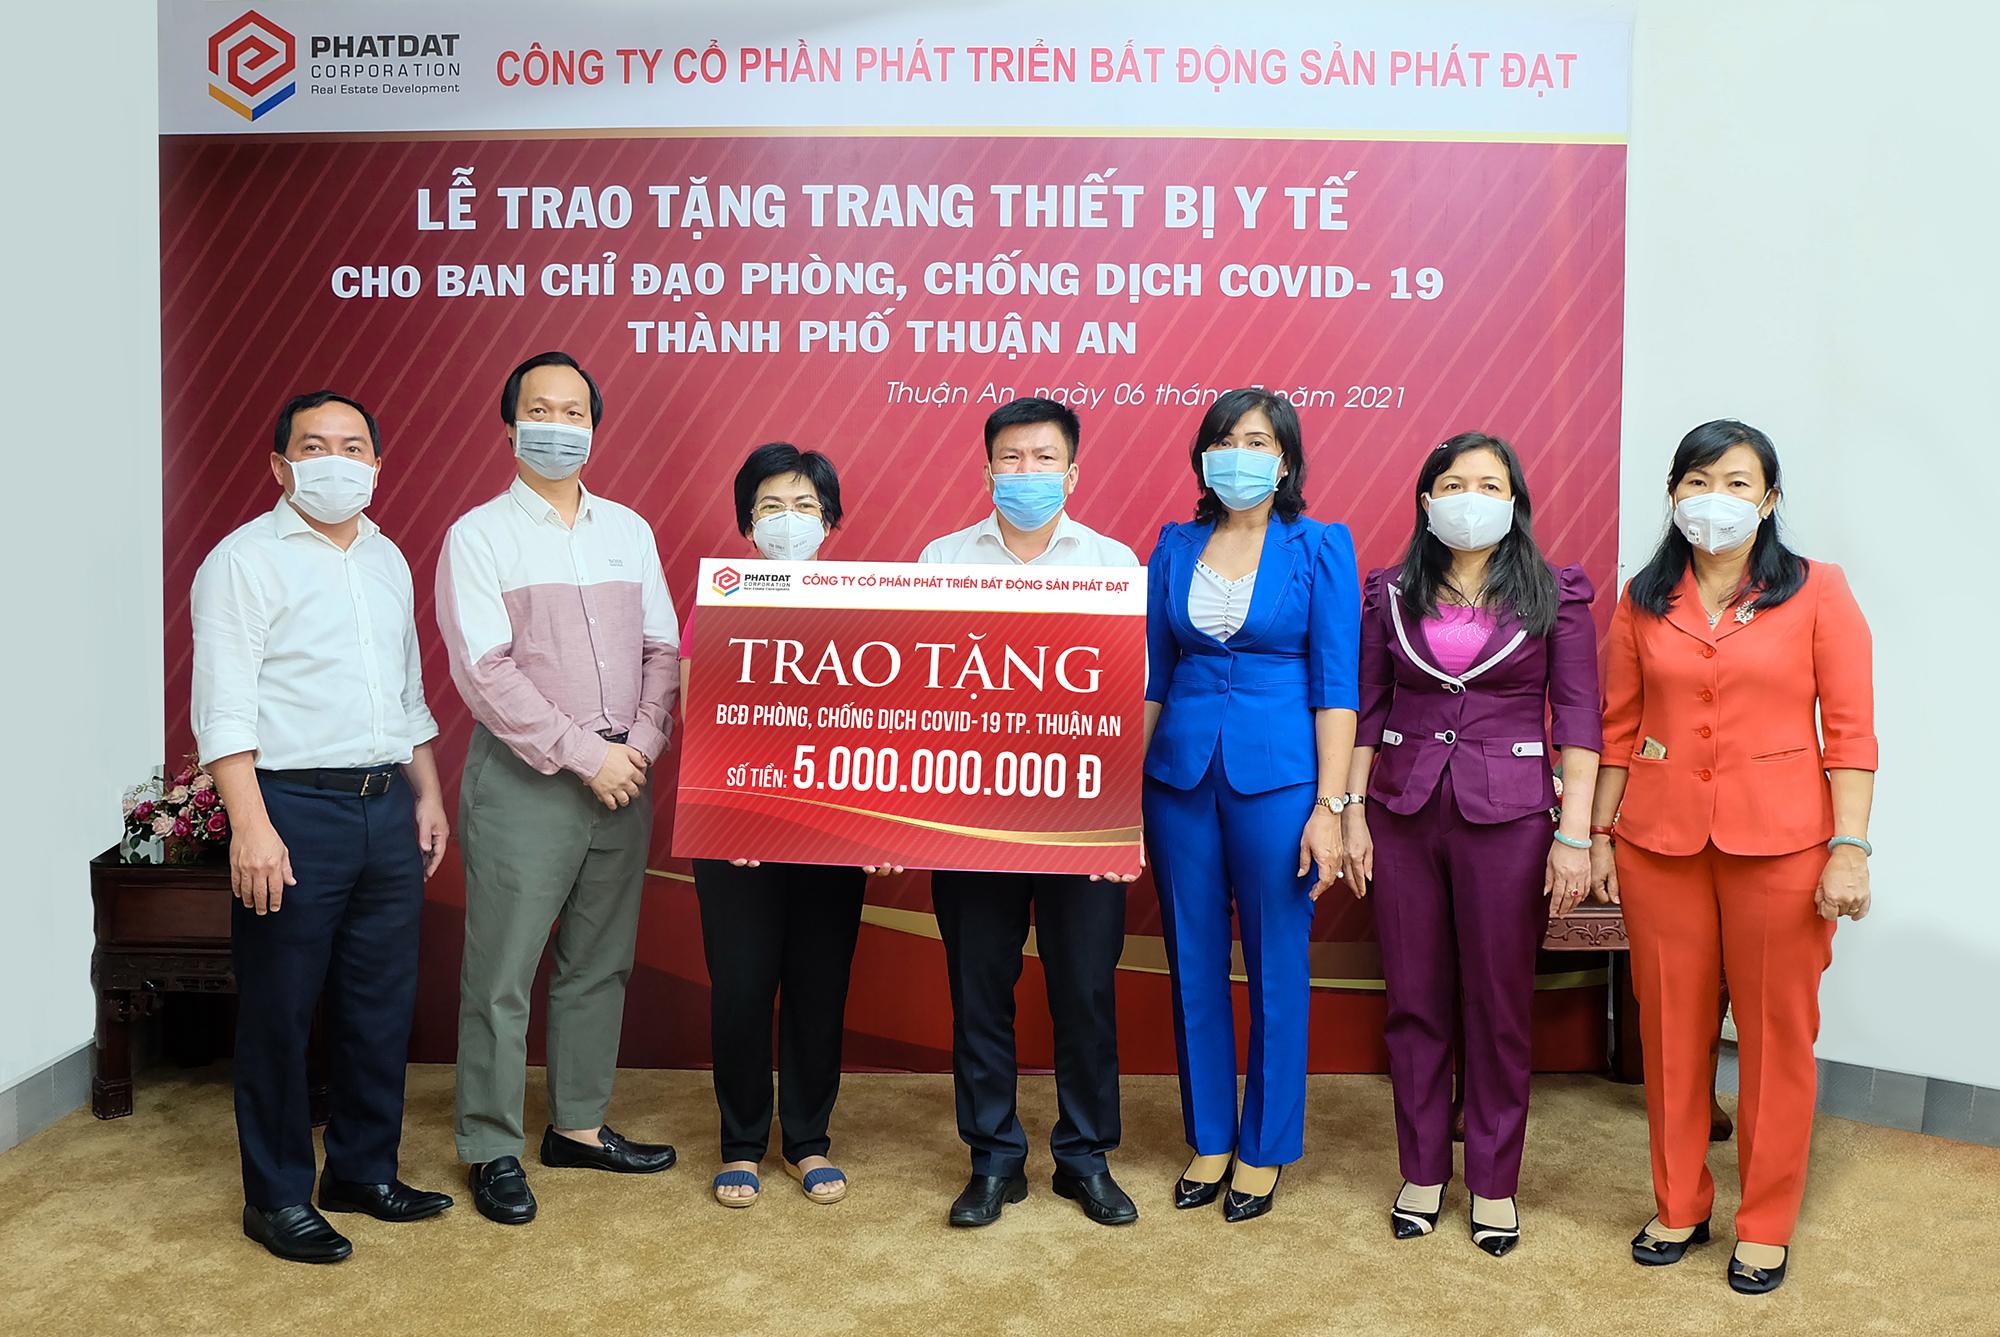 Phát Đạt tiếp tục tài trợ thêm 5 tỷ đồng 'chi viện' TP Thuận An chống dịch Covid-19